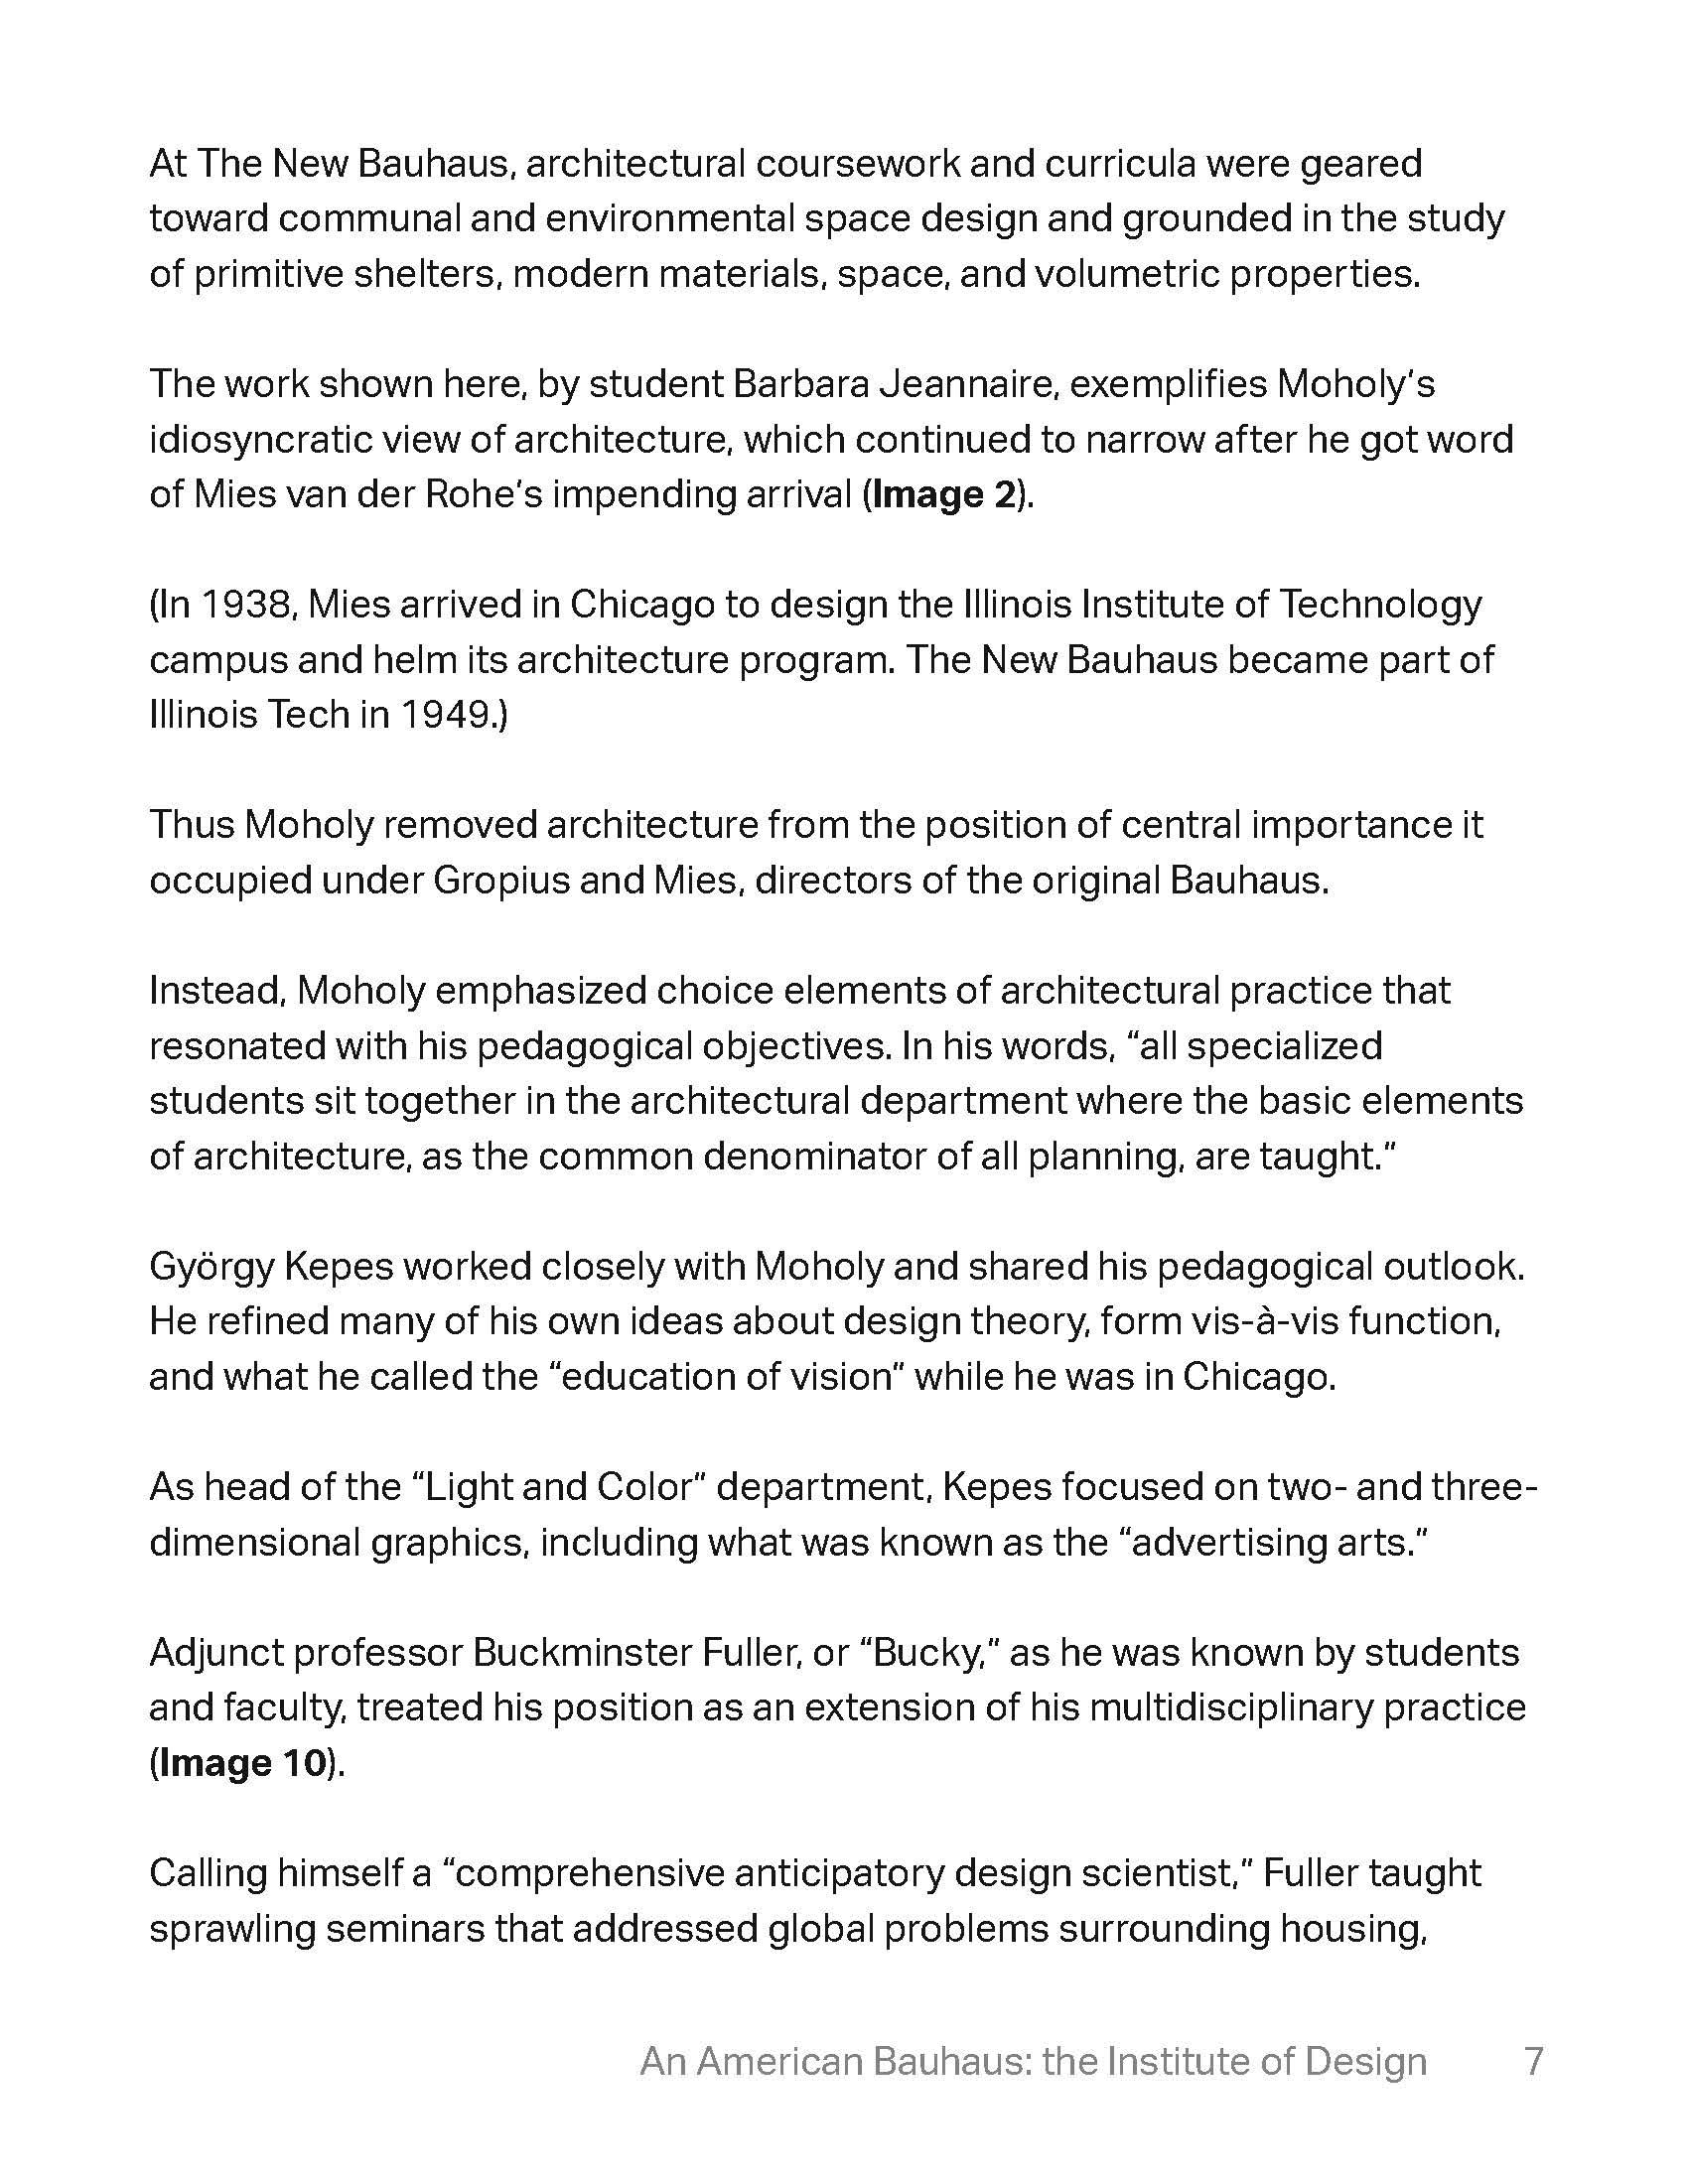 American Bauhaus Text_Page_7.jpg